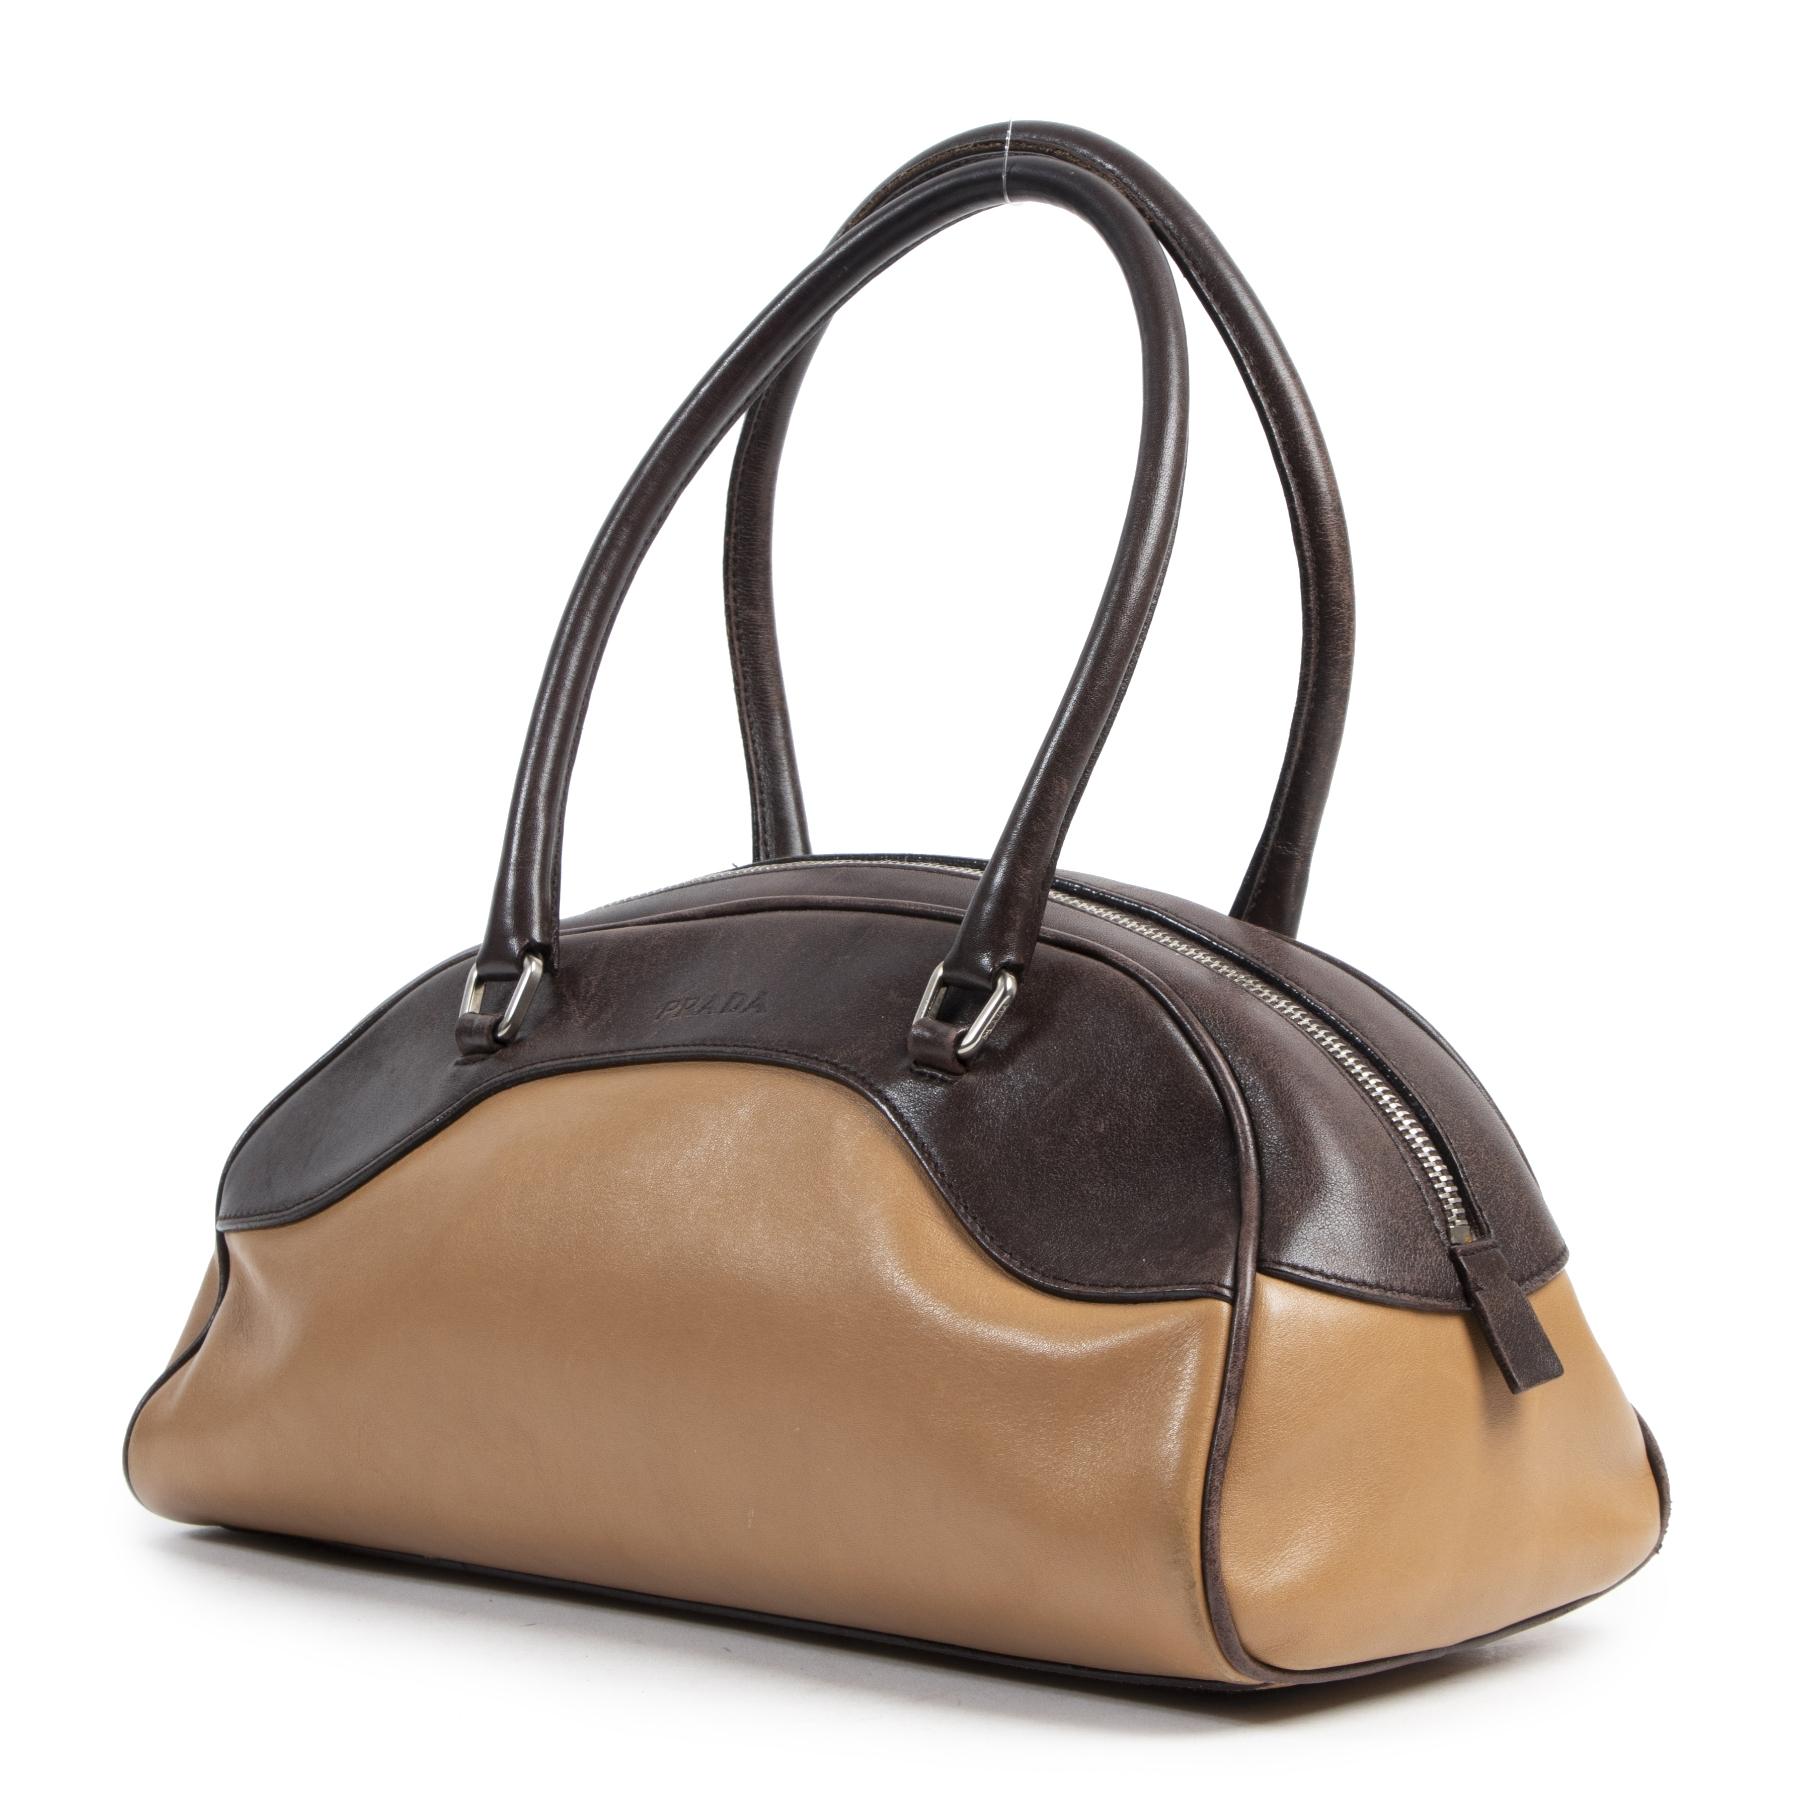 Authentieke Tweedehands Prada Duotone Bowling Bag juiste prijs veilig online shoppen luxe merken webshop winkelen Antwerpen België mode fashion